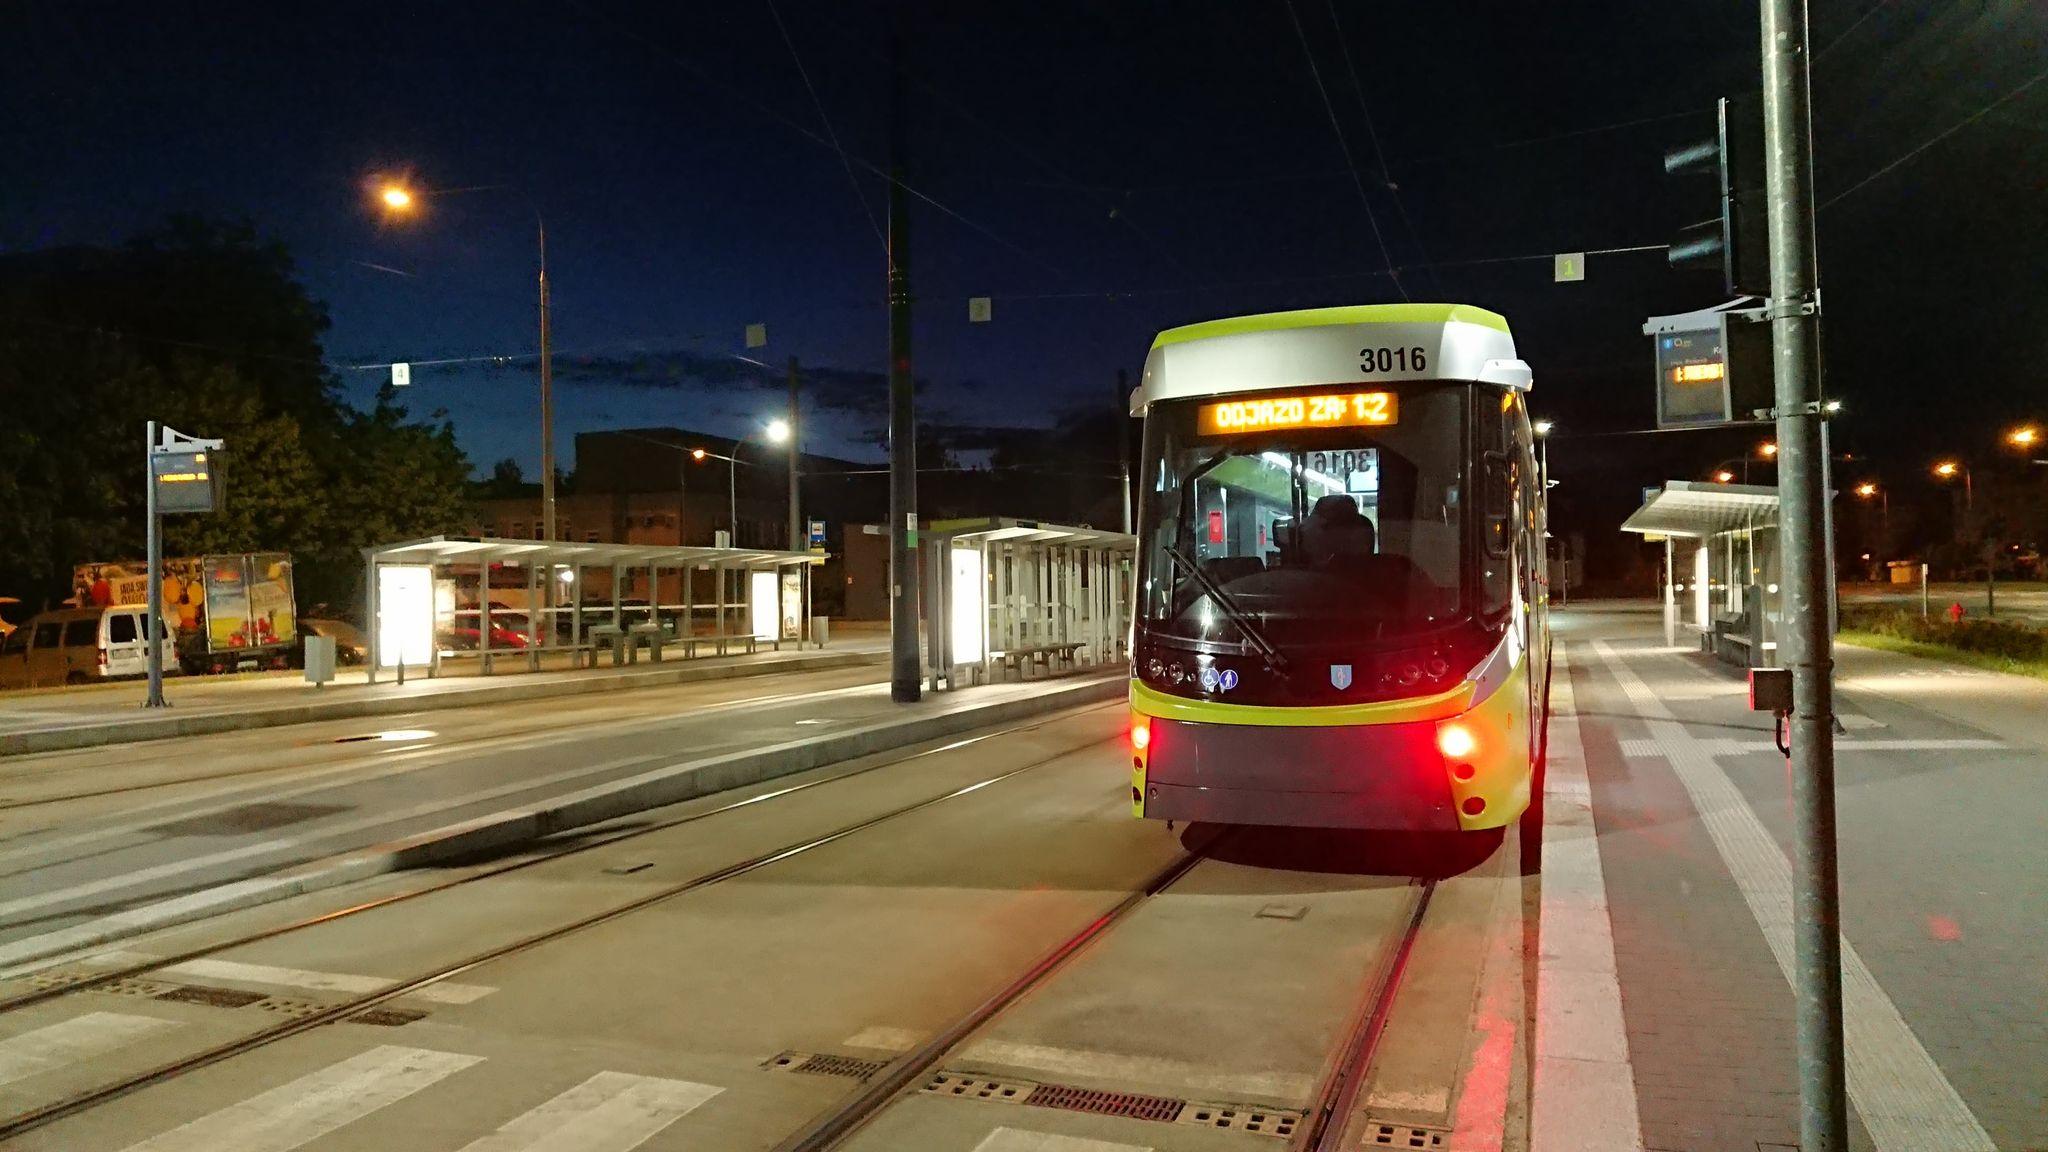 Durmazlar Panorama Olsztyn DRP5H05 #3016 podczas nocnych jazd testowych na przystanku końcowym Kanta (28 maja 2021)